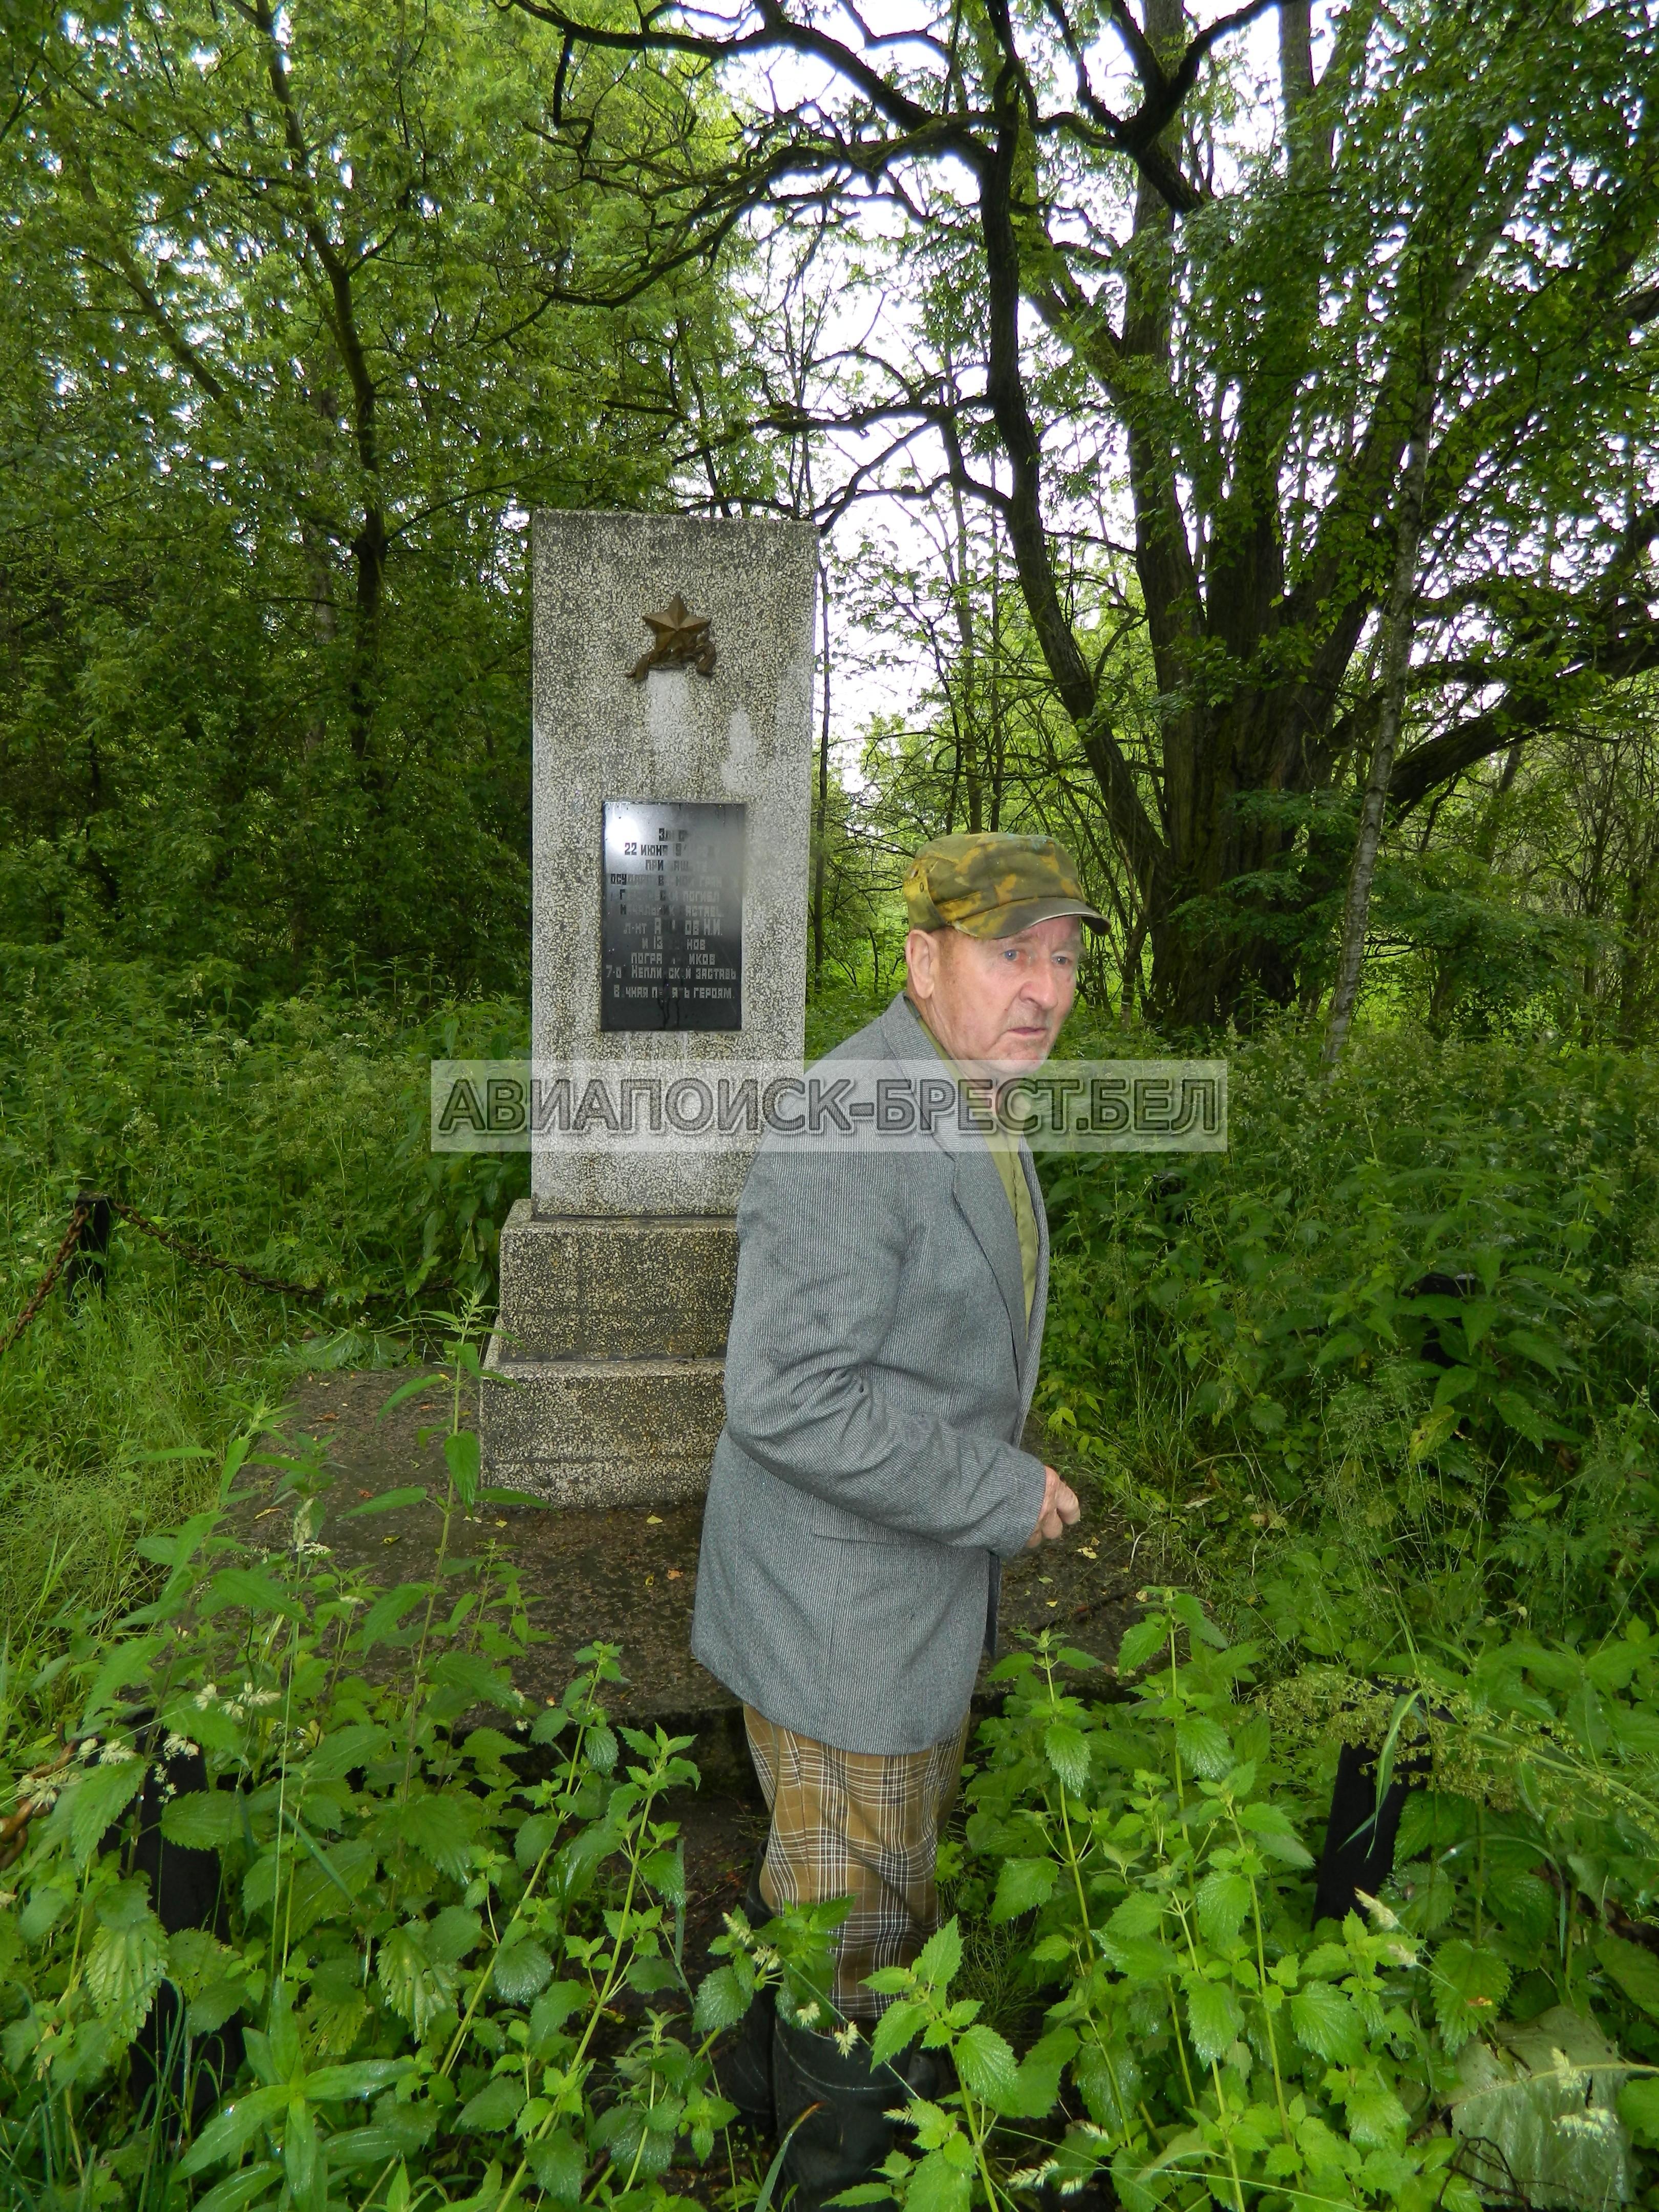 Наш проводник и очевидец падения самолета - СЕРКО ВЛАДИМИР ТРОФИМОВИЧ, 1928 г р. житель деревни Непли .